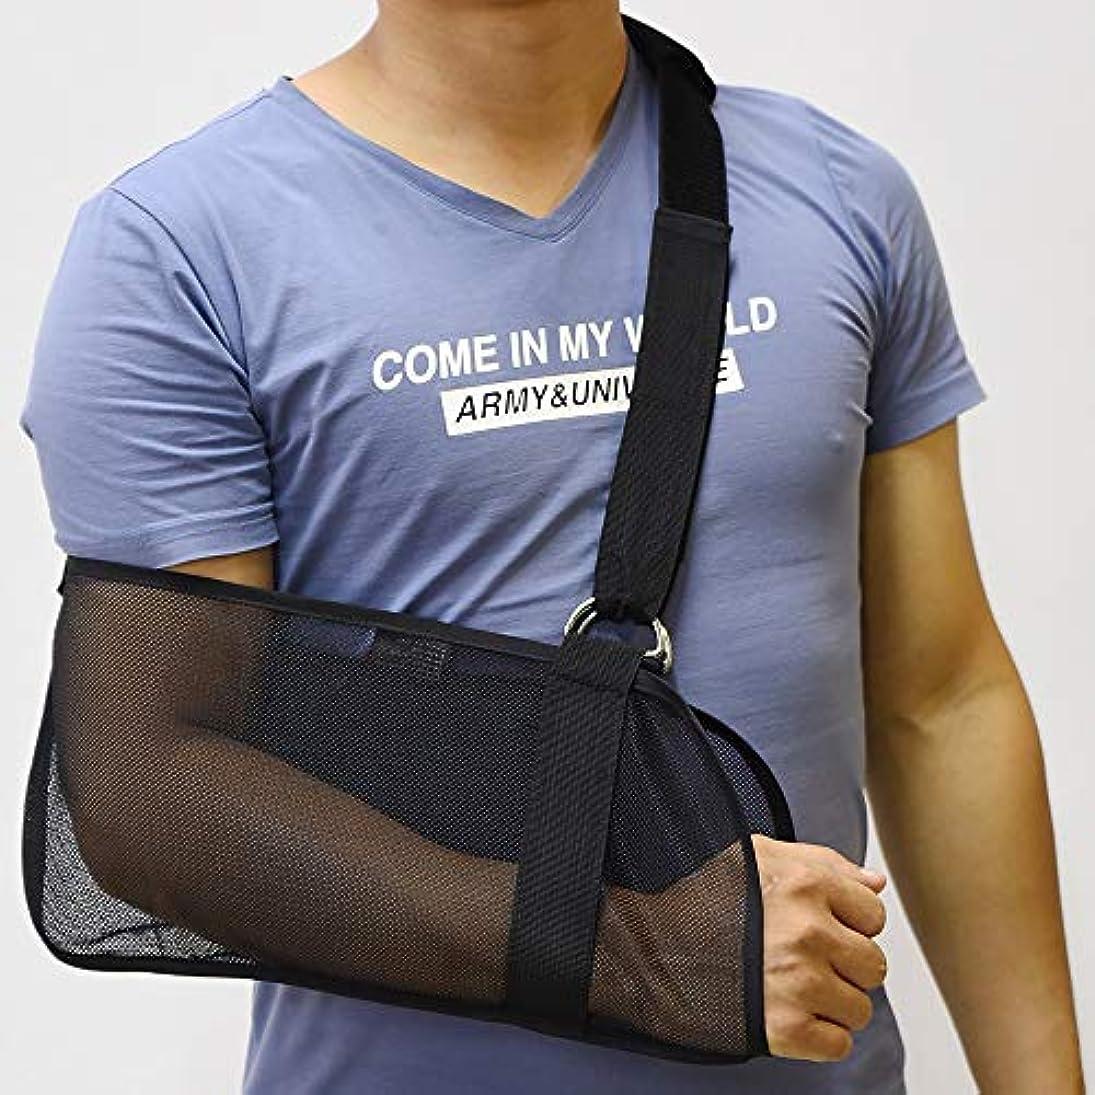 スリーブメディア理容師ZYL-YL アームスリング肘関節固定装具をハンギング前腕スリング腕の骨折固定ベルトサマーメッシュ通気性 (色 : 黒)